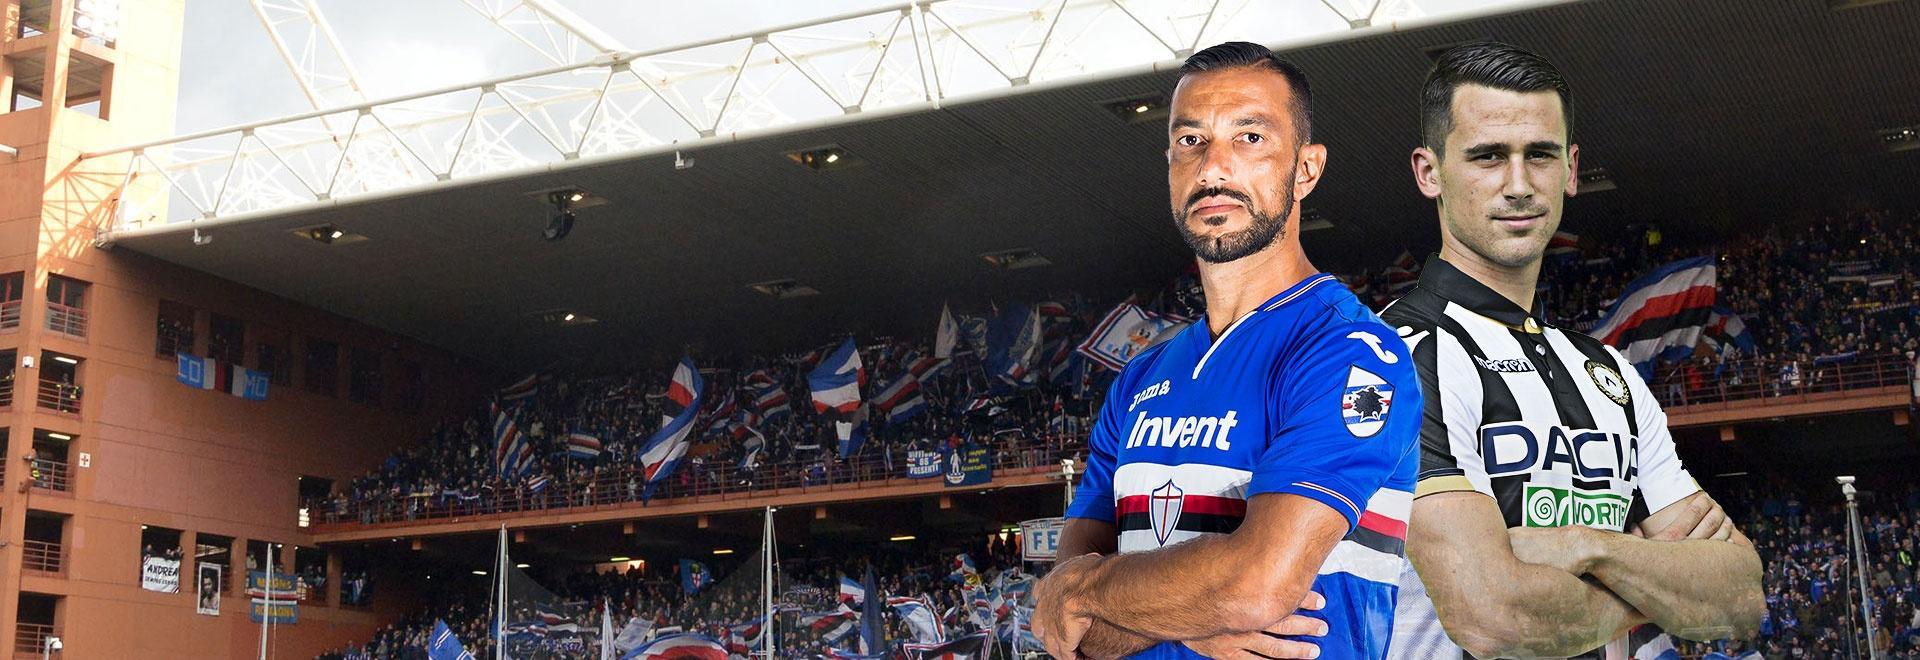 Sampdoria - Udinese. 21a g.